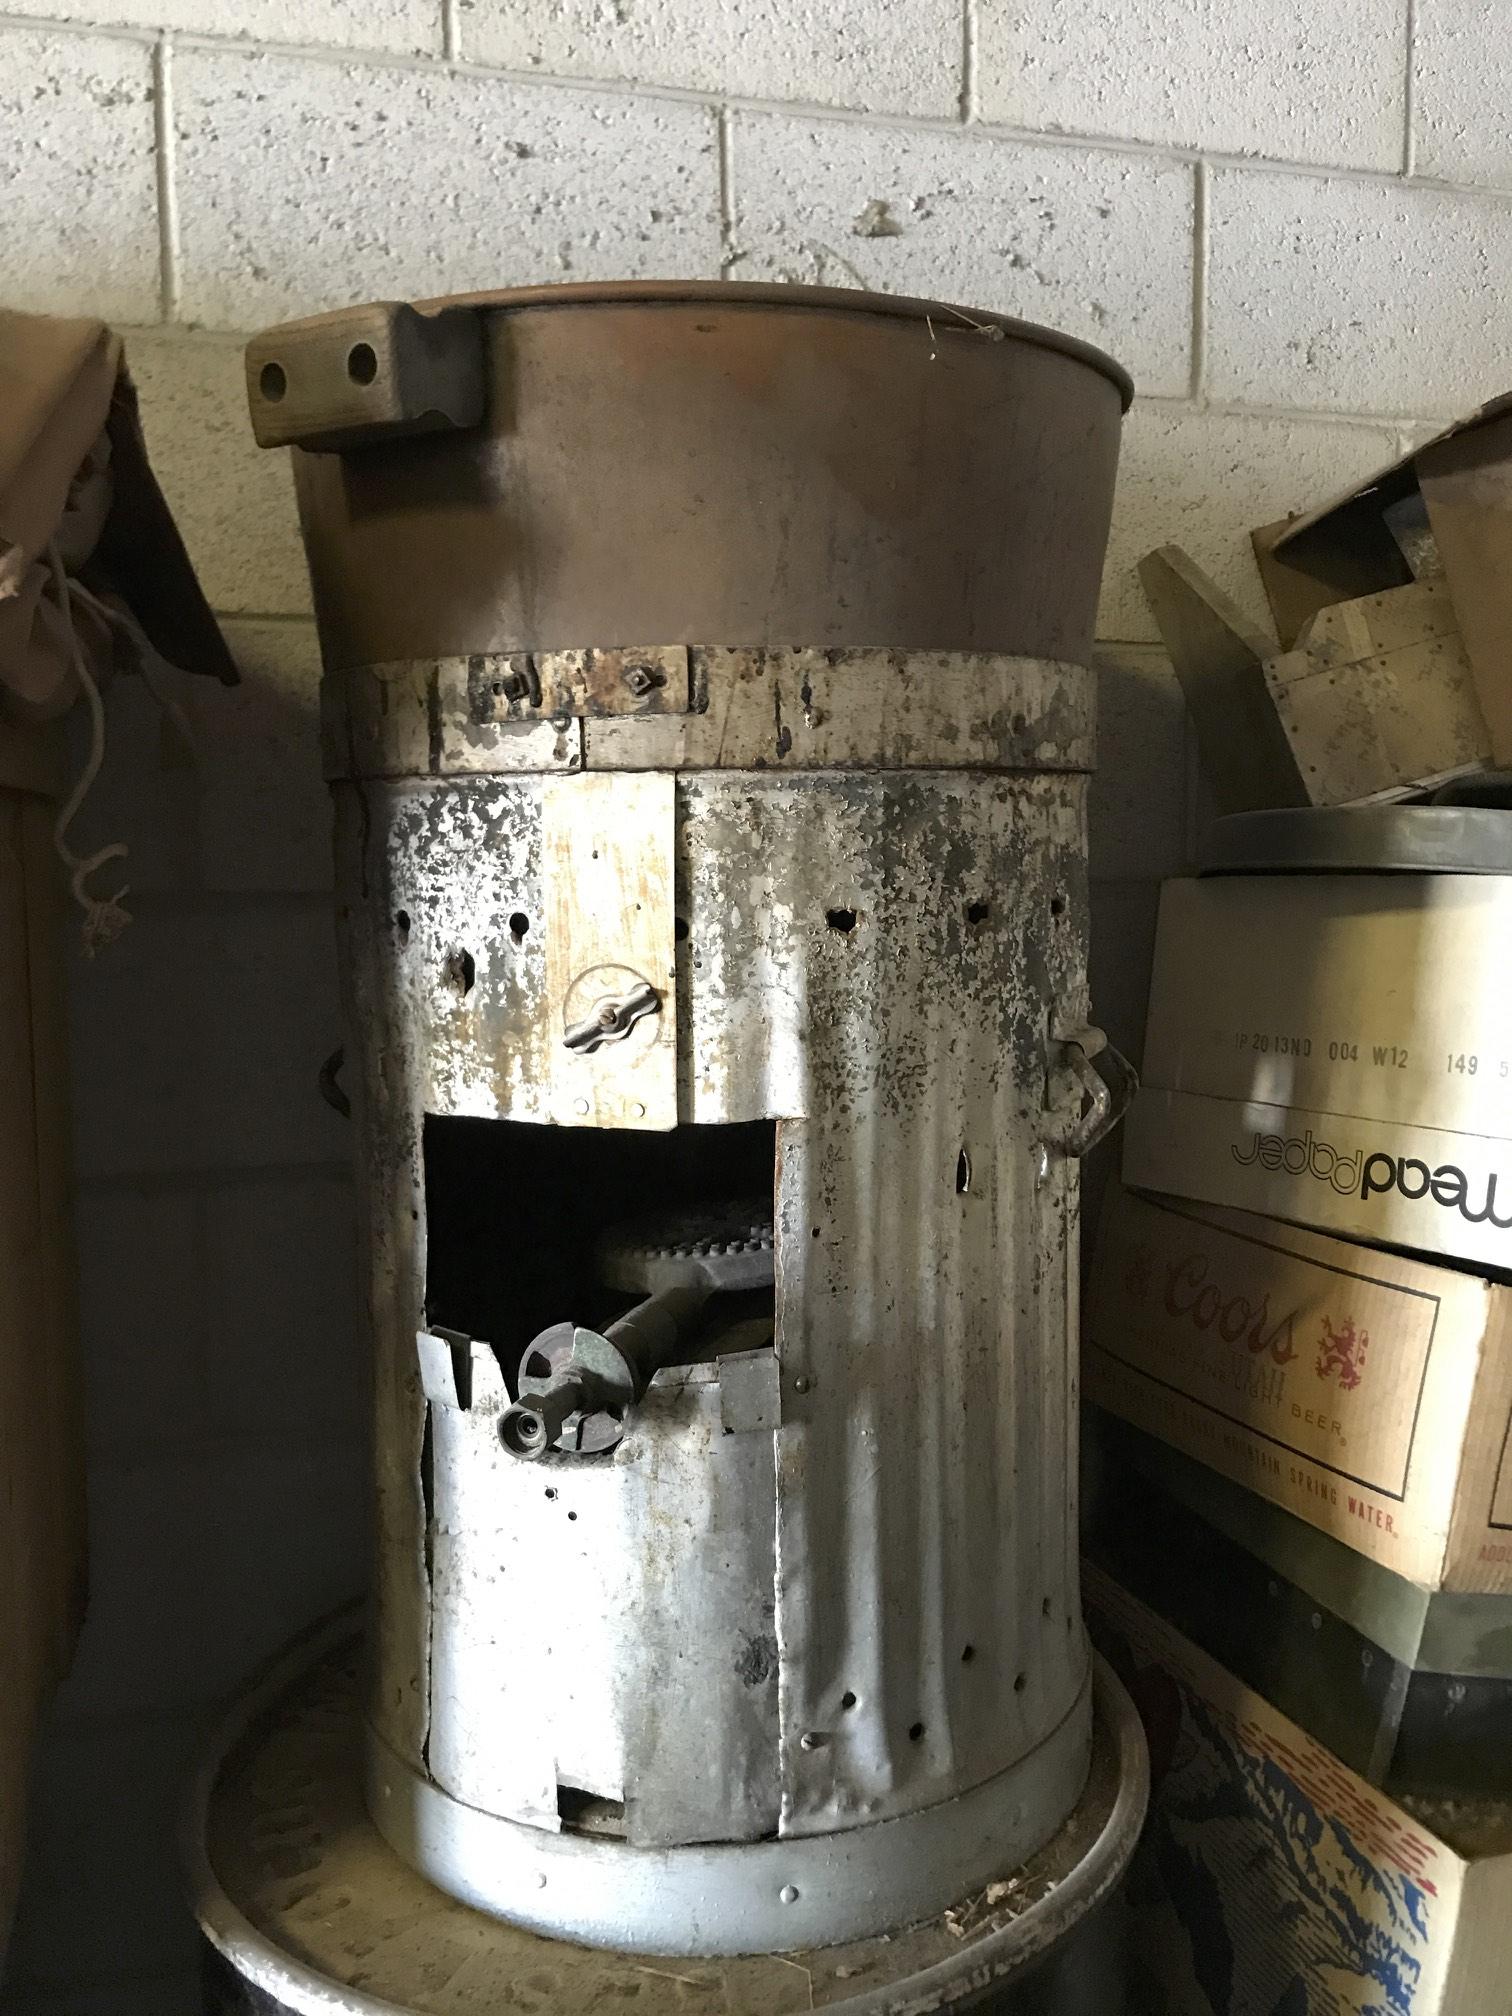 (13) caramel corn kettle cooker